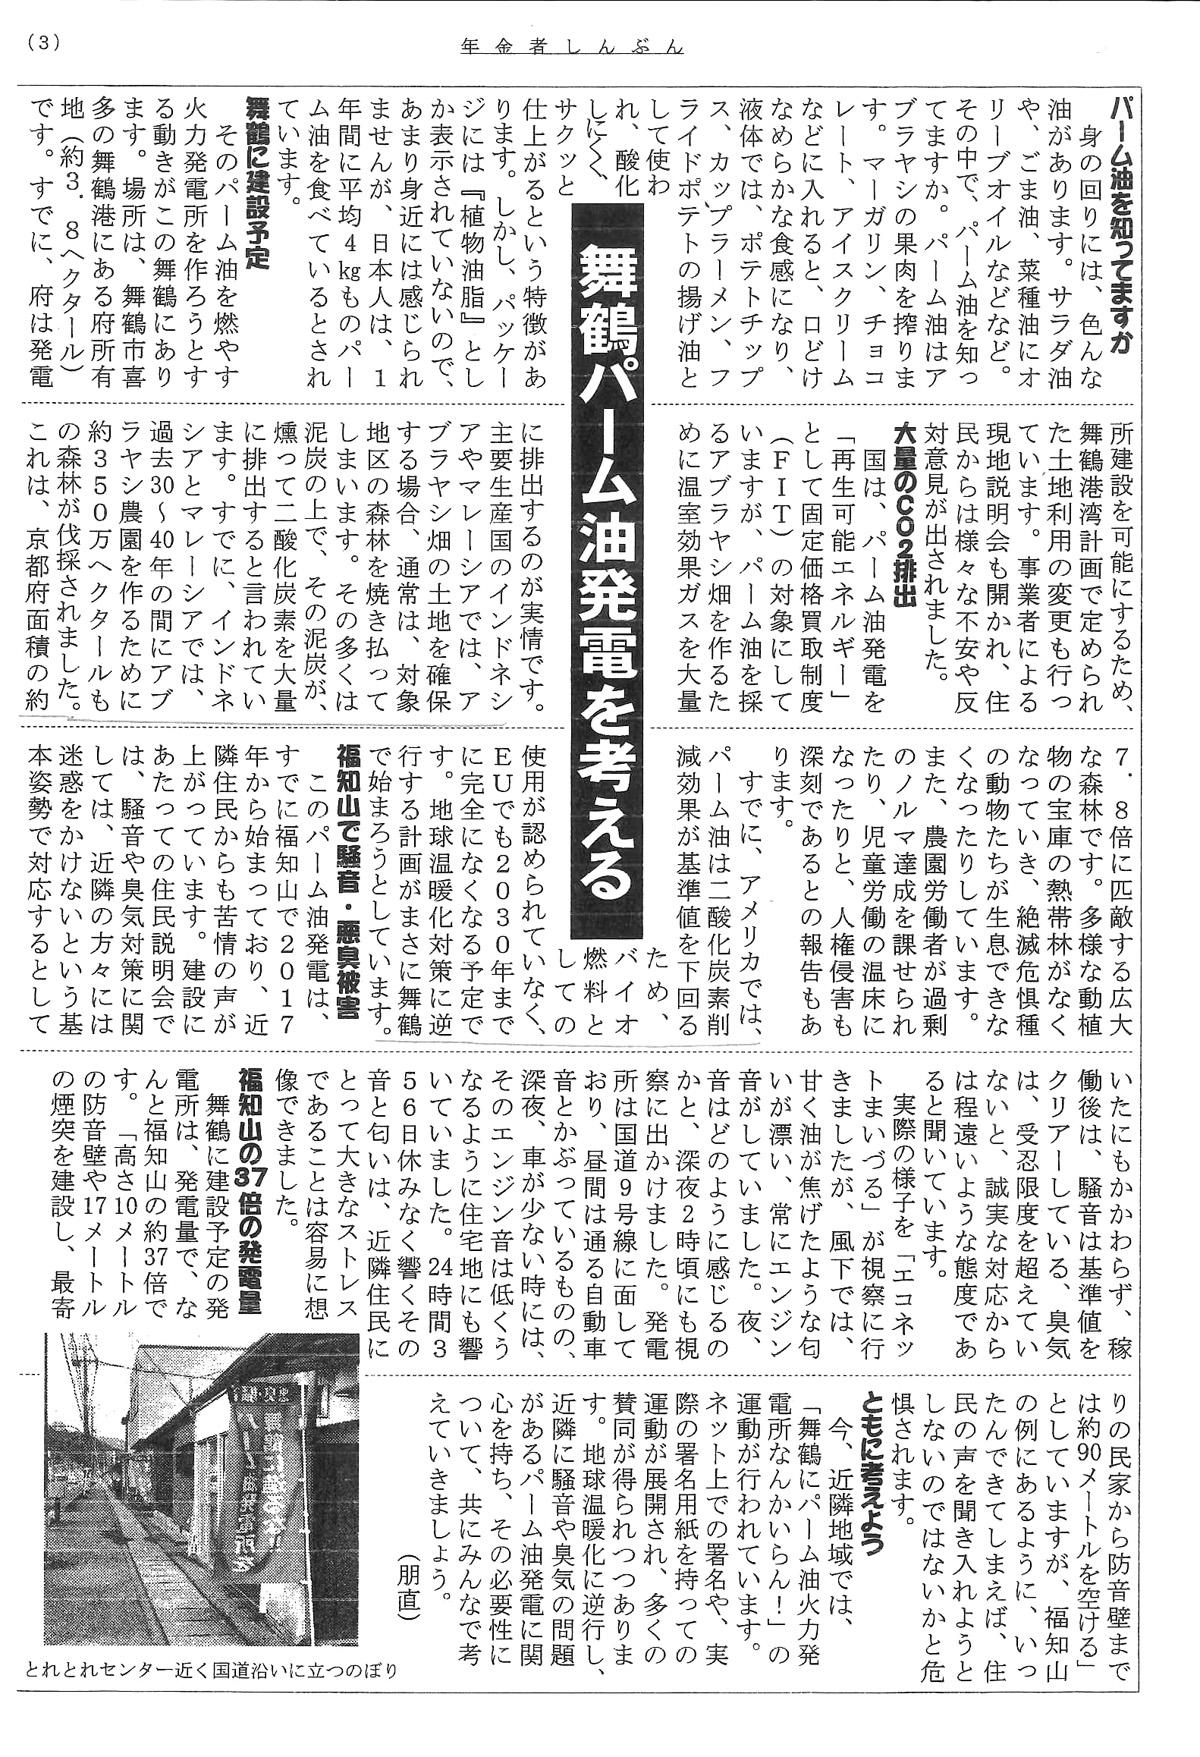 年金者しんぶんにパーム油火力発電所の記事が掲載されました